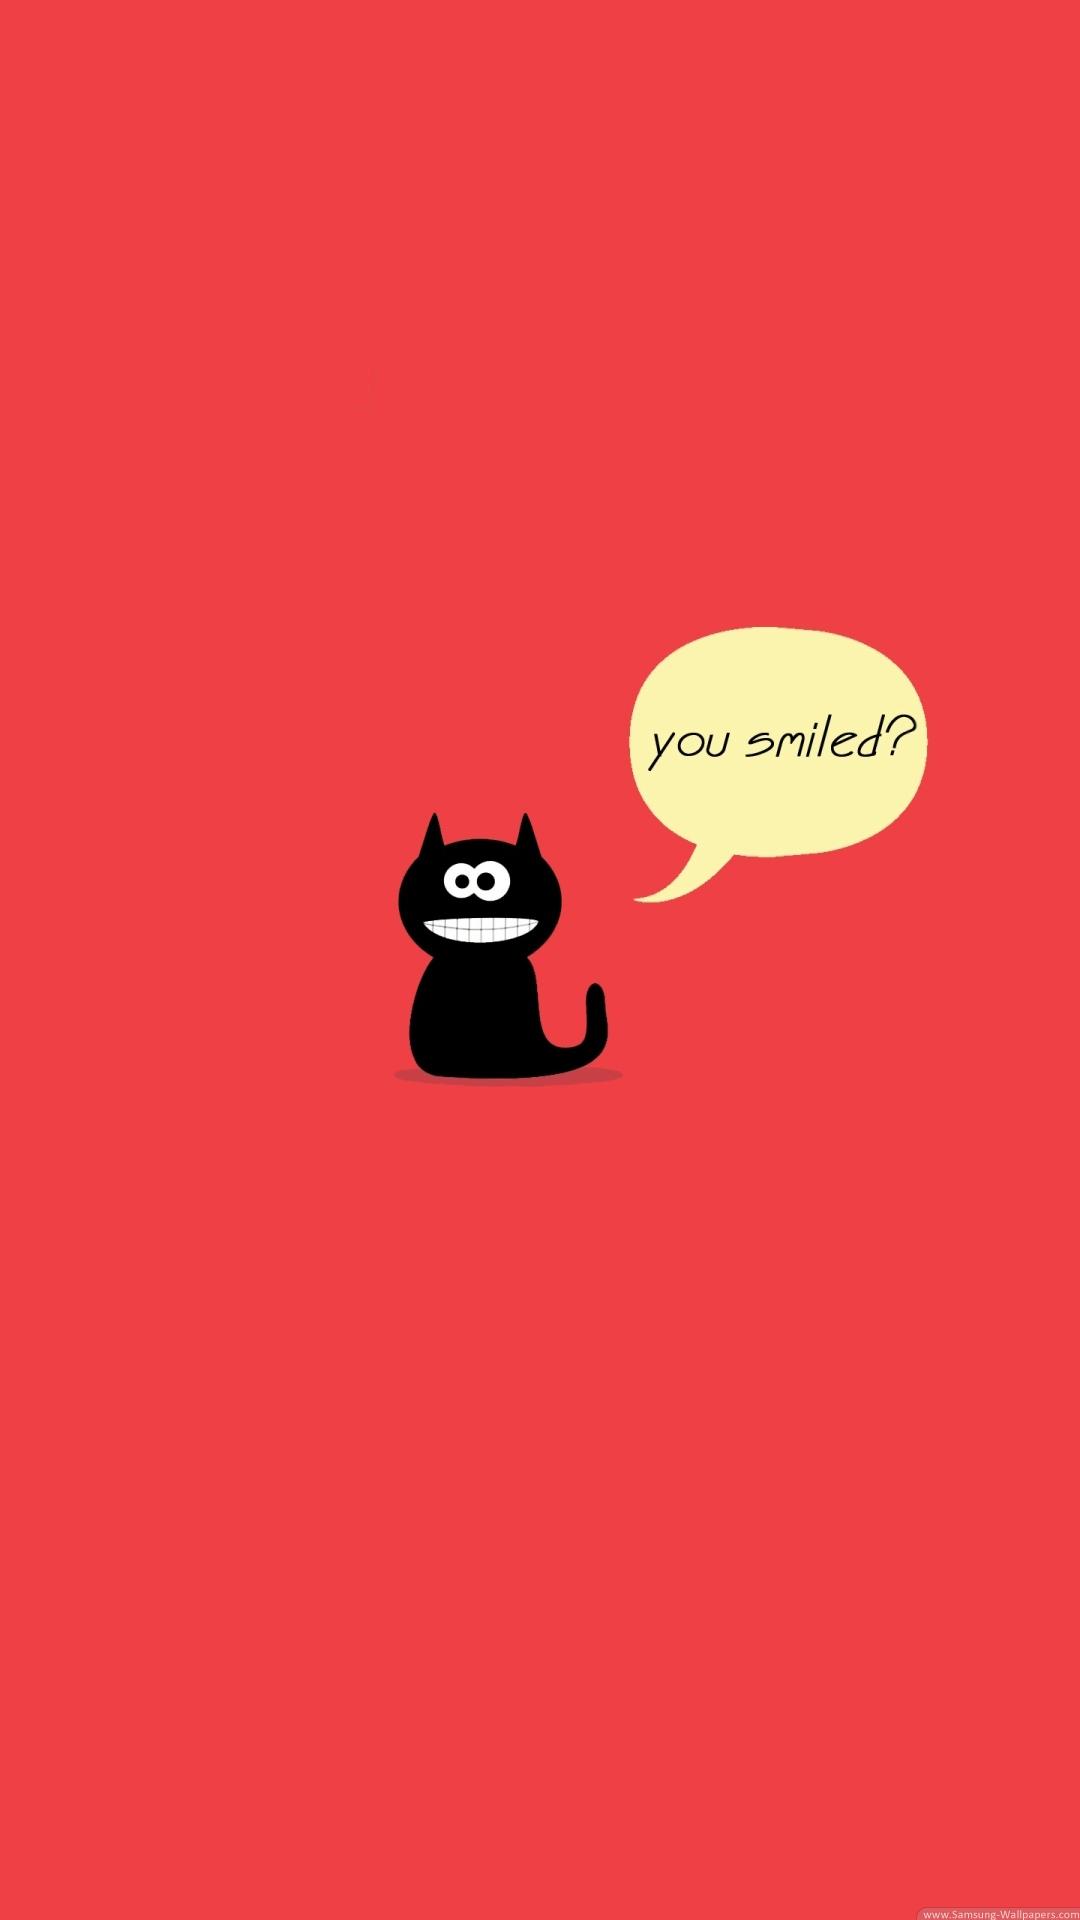 20个有趣的iphone壁纸 - 可爱的猫咪